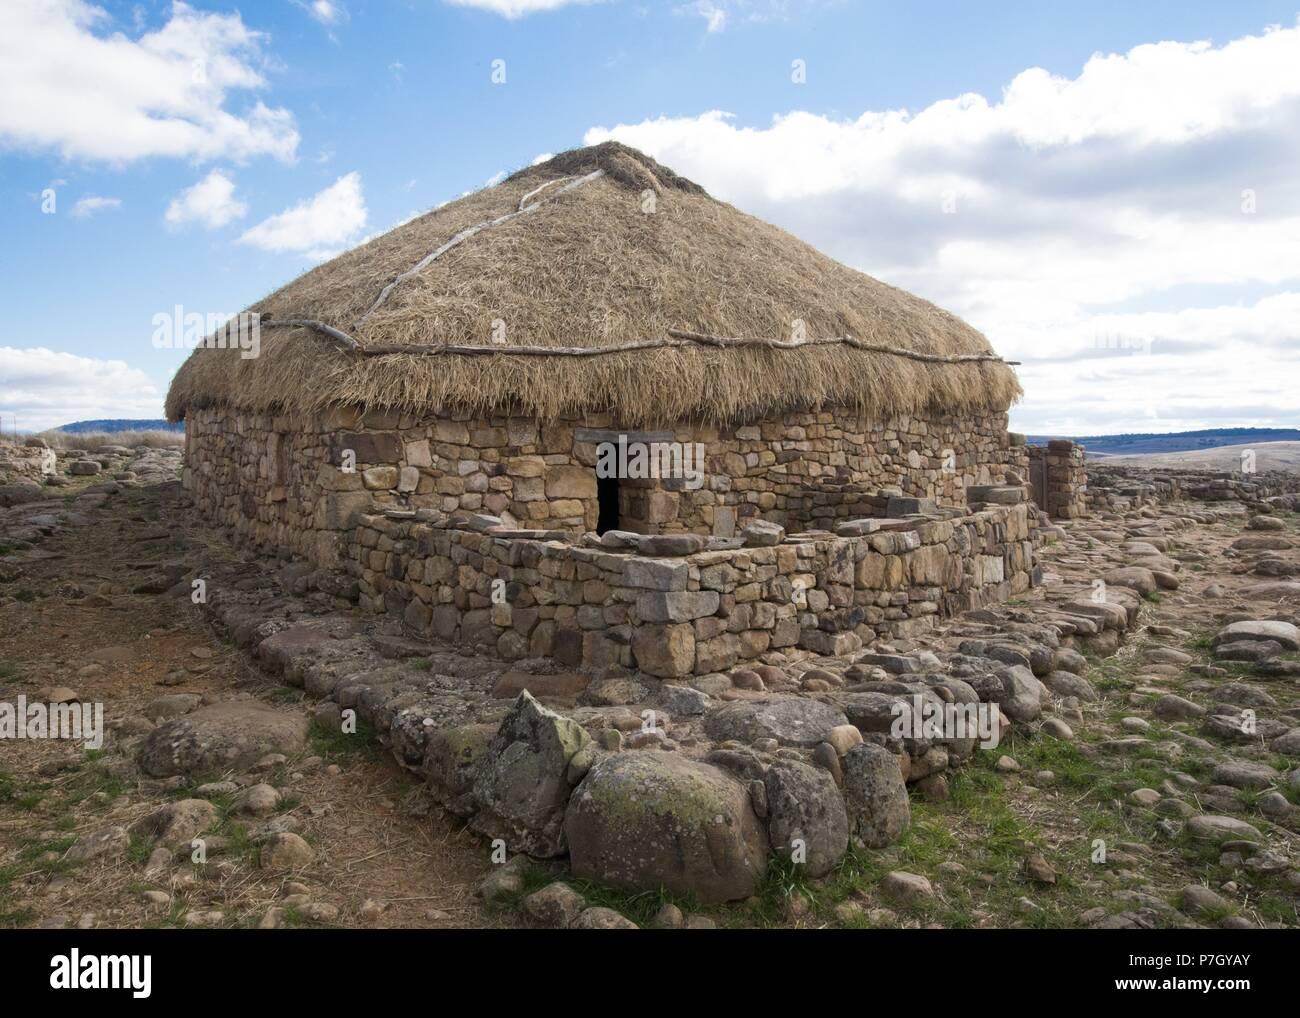 Casa reconstruída en el yacimiento celtíbero de Numancia, Soria. - Stock Image